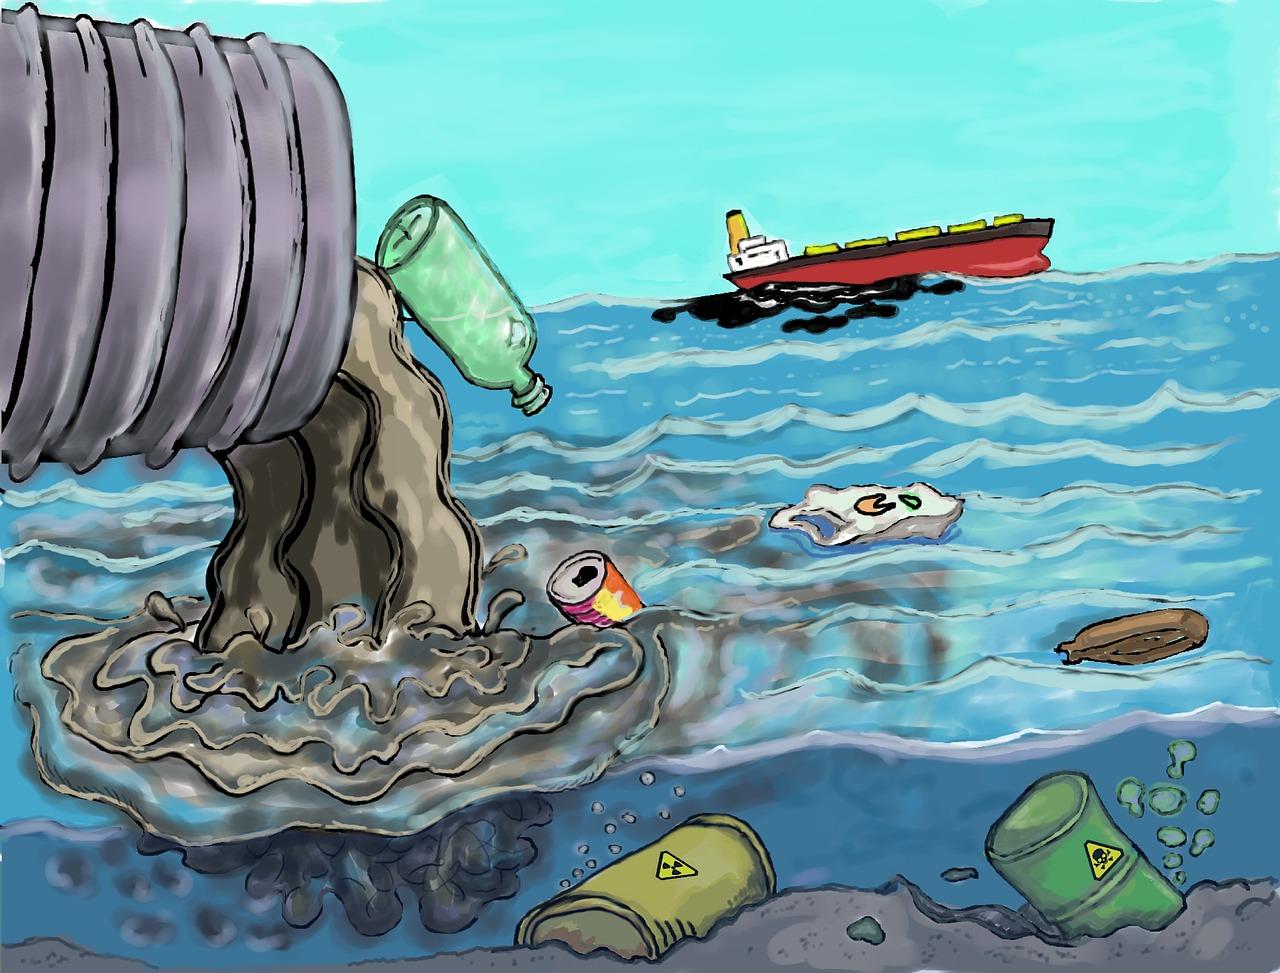 pollution, garbage, degradation-1603644.jpg